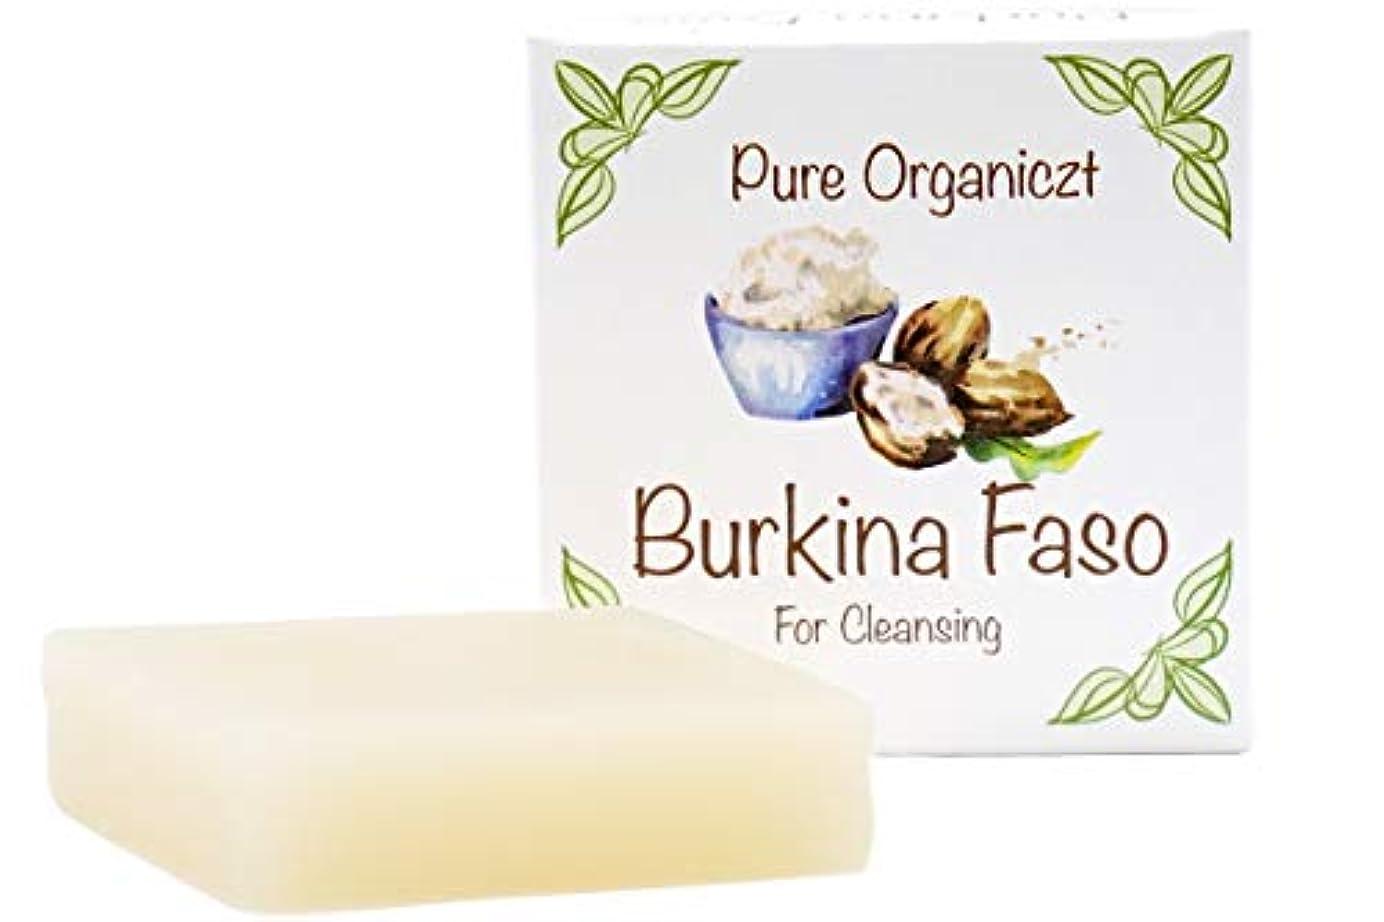 なだめる母音悪意のあるシアバター 洗顔用石鹸 Burkina Faso Pure Organiczt 『無添加?毛穴?美白?保湿』